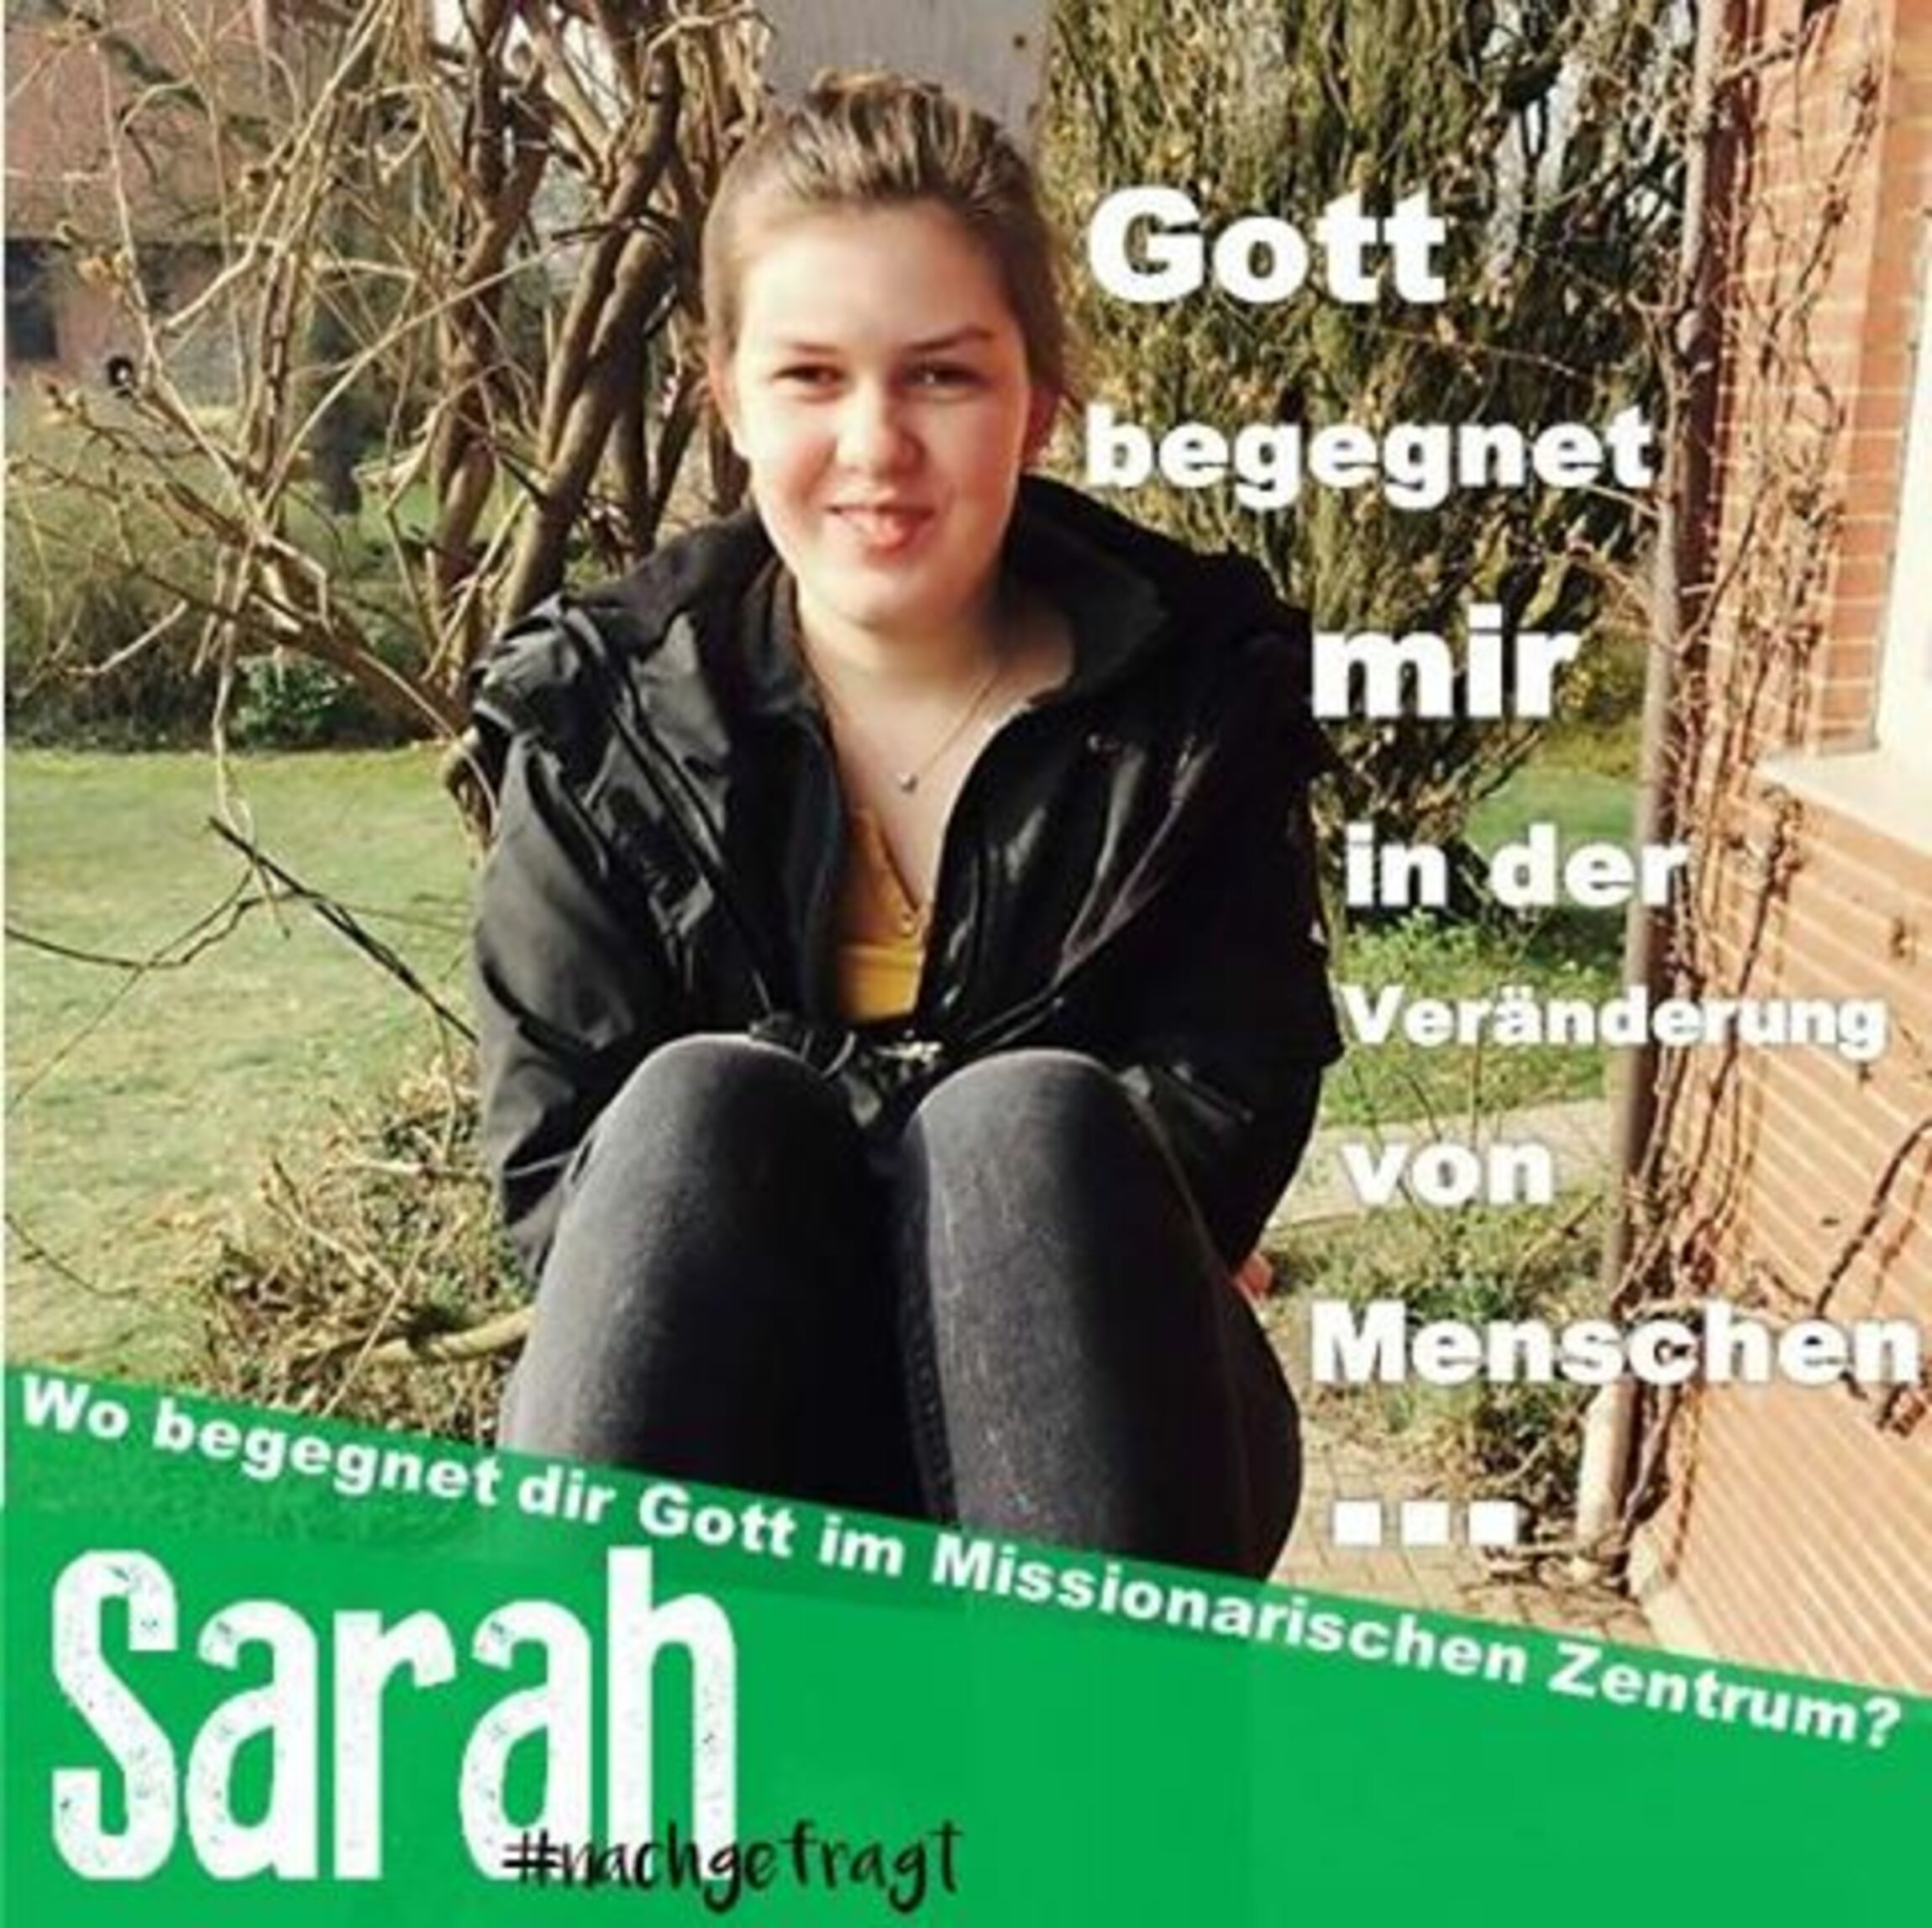 Sarah Statement